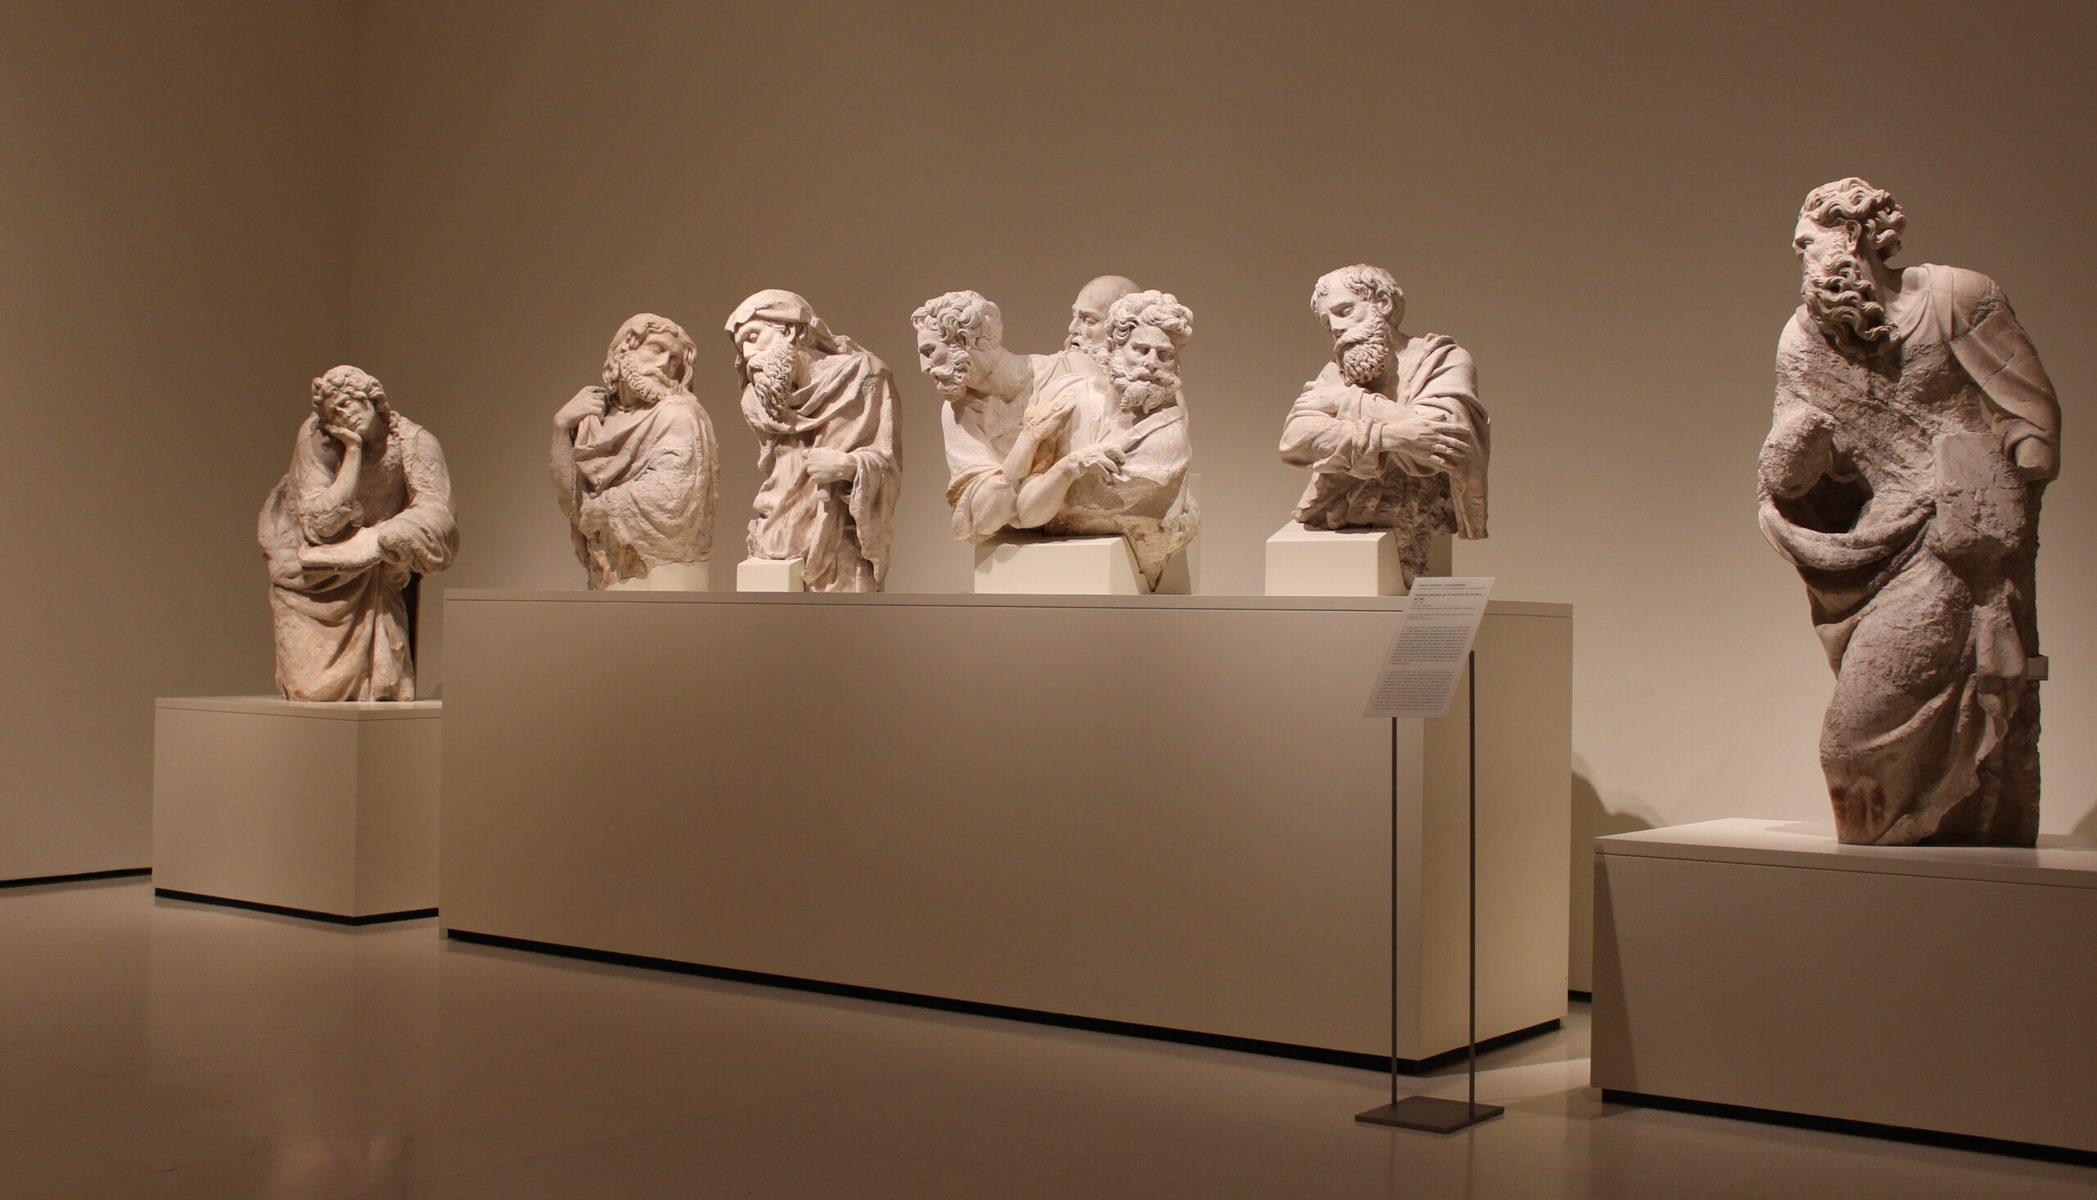 Museu Nacional d'Art de Catalunya (MNAC), Barcelona